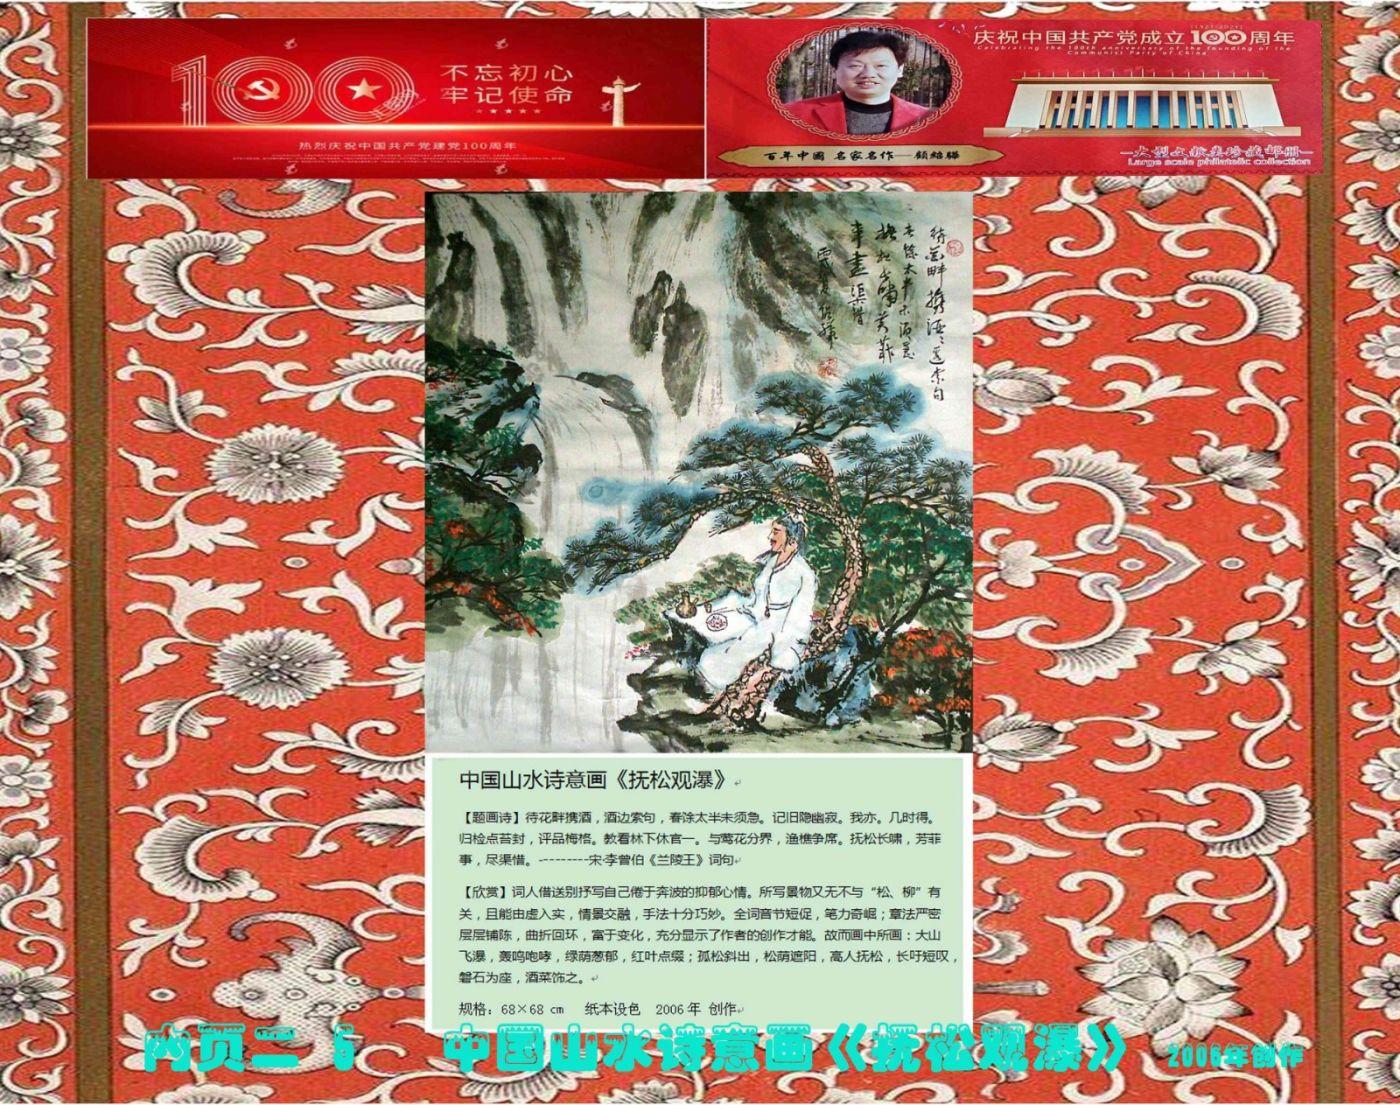 顾绍骅的诗情画意又入选《庆祝中国共产党成立100周年 百年中国名家名作》 ..._图1-11